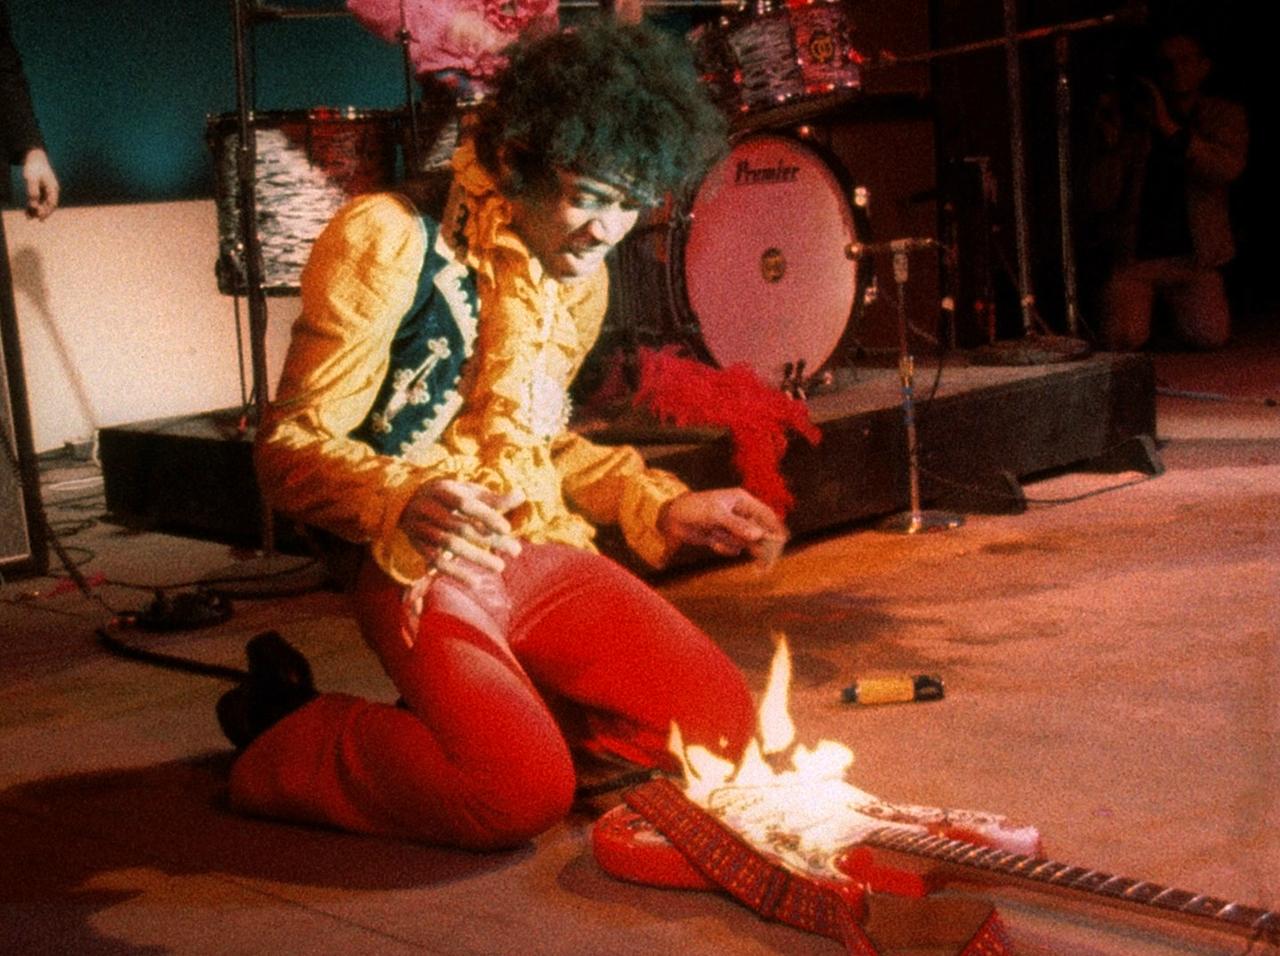 Jimi Hendrix prende fuego a su guitarra (Monterey Pop Festival - 1967)